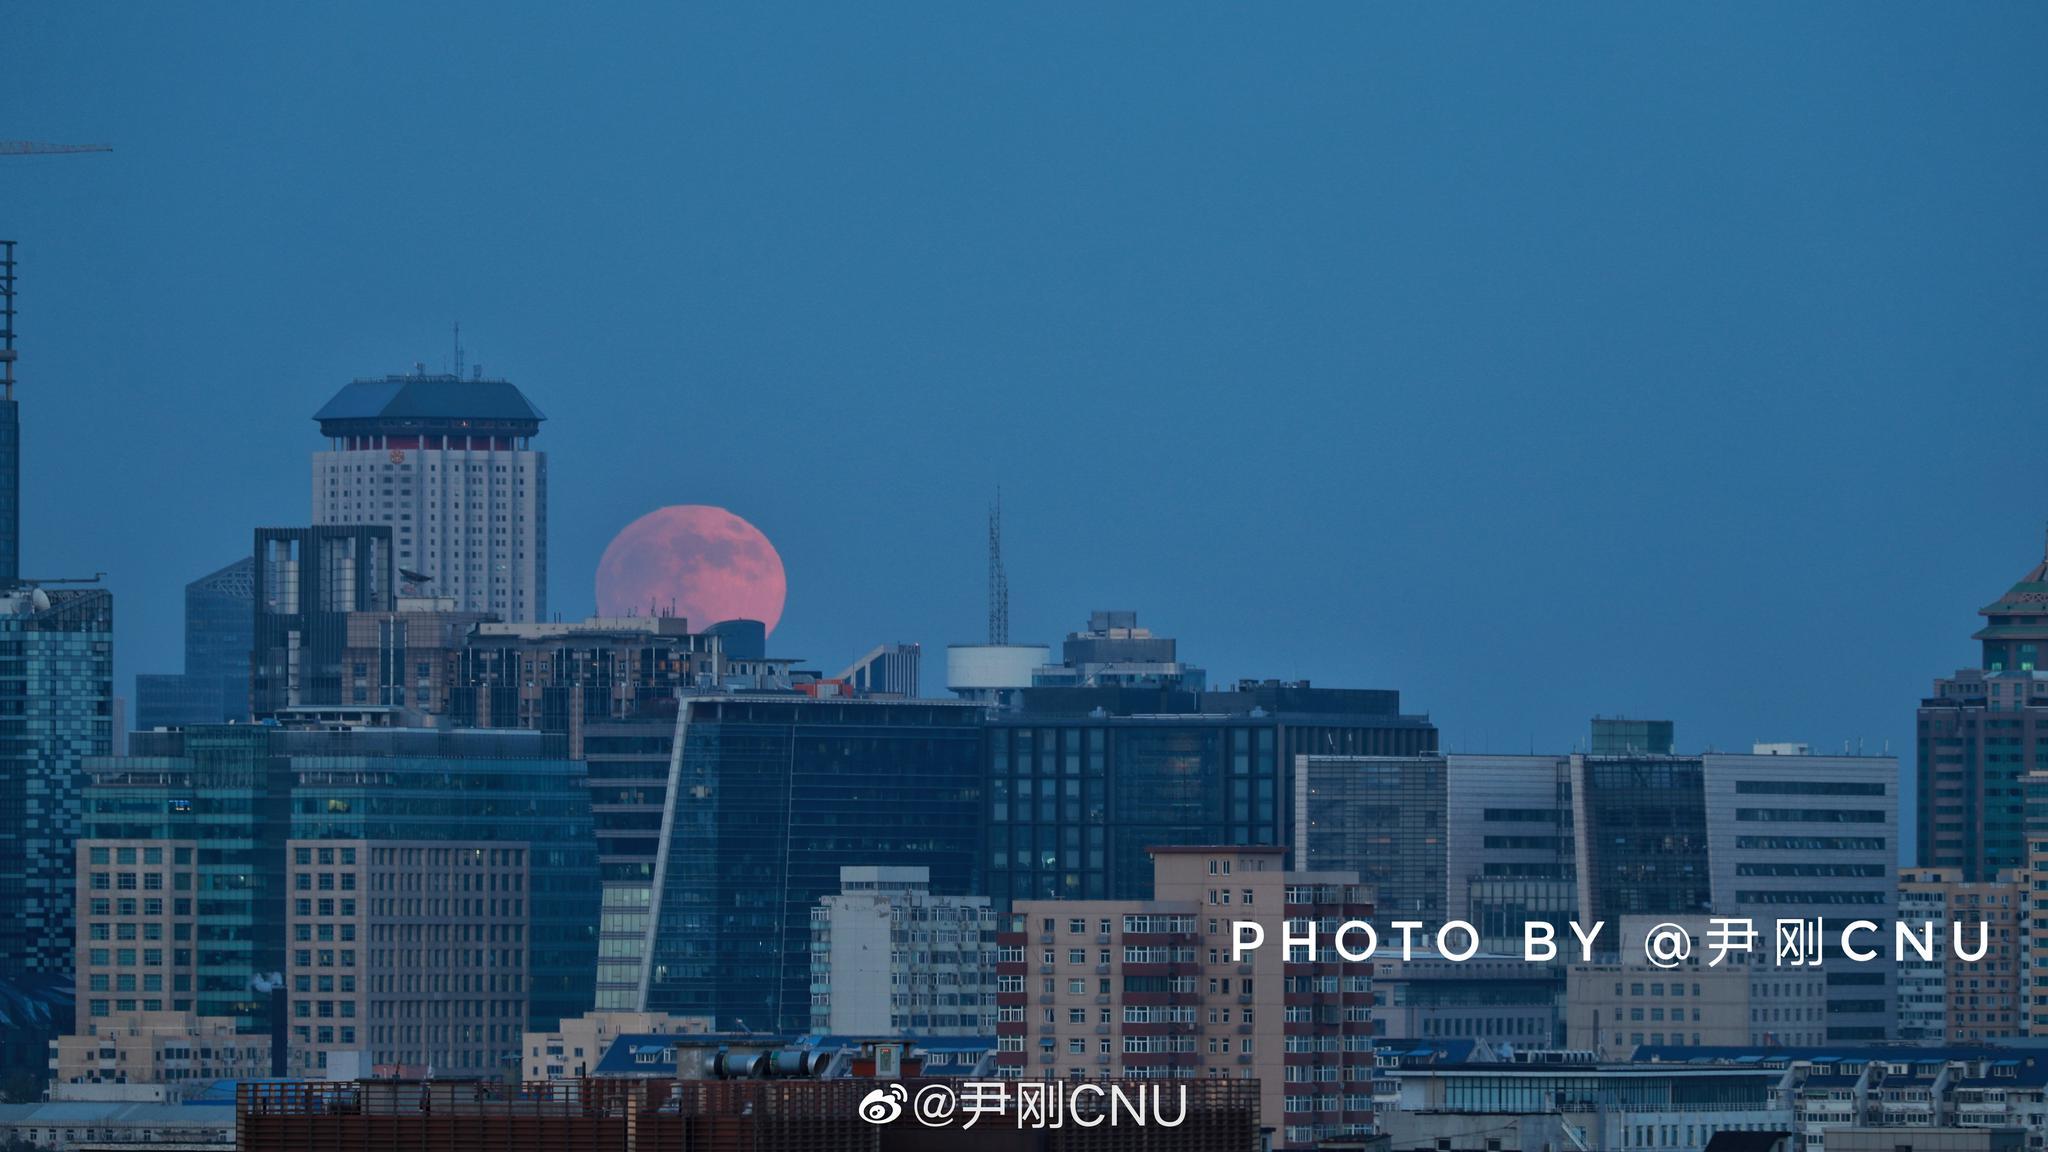 今晚@北京市景山公园 山顶看 @文旅北京 @看见 @北京你好 (图7